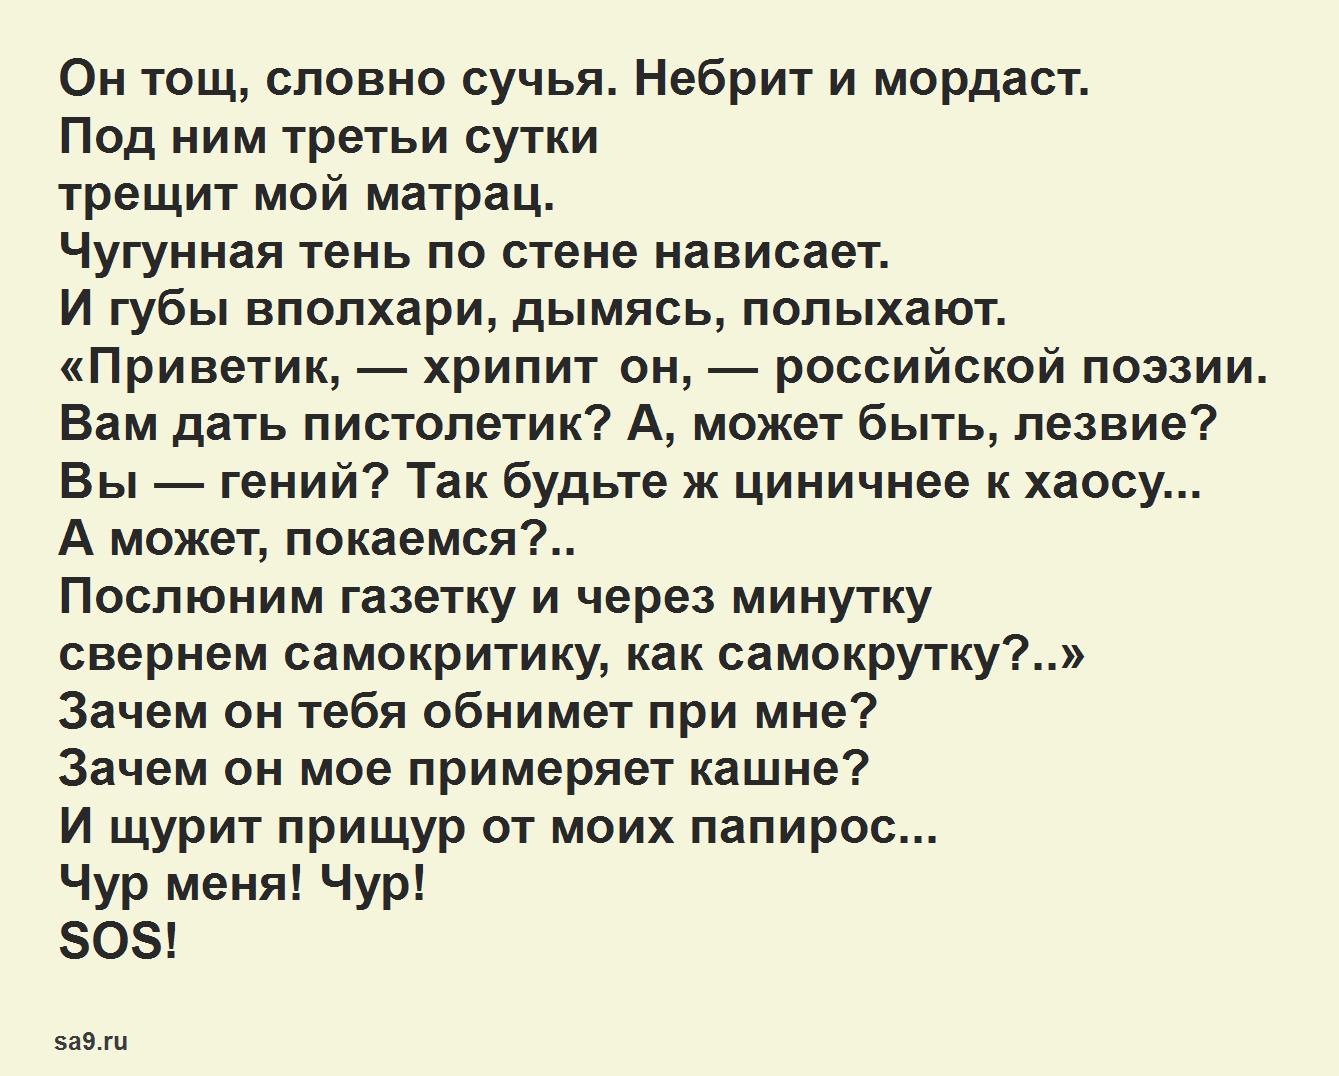 Вознесенский стихи 16 строк - Автопортрет